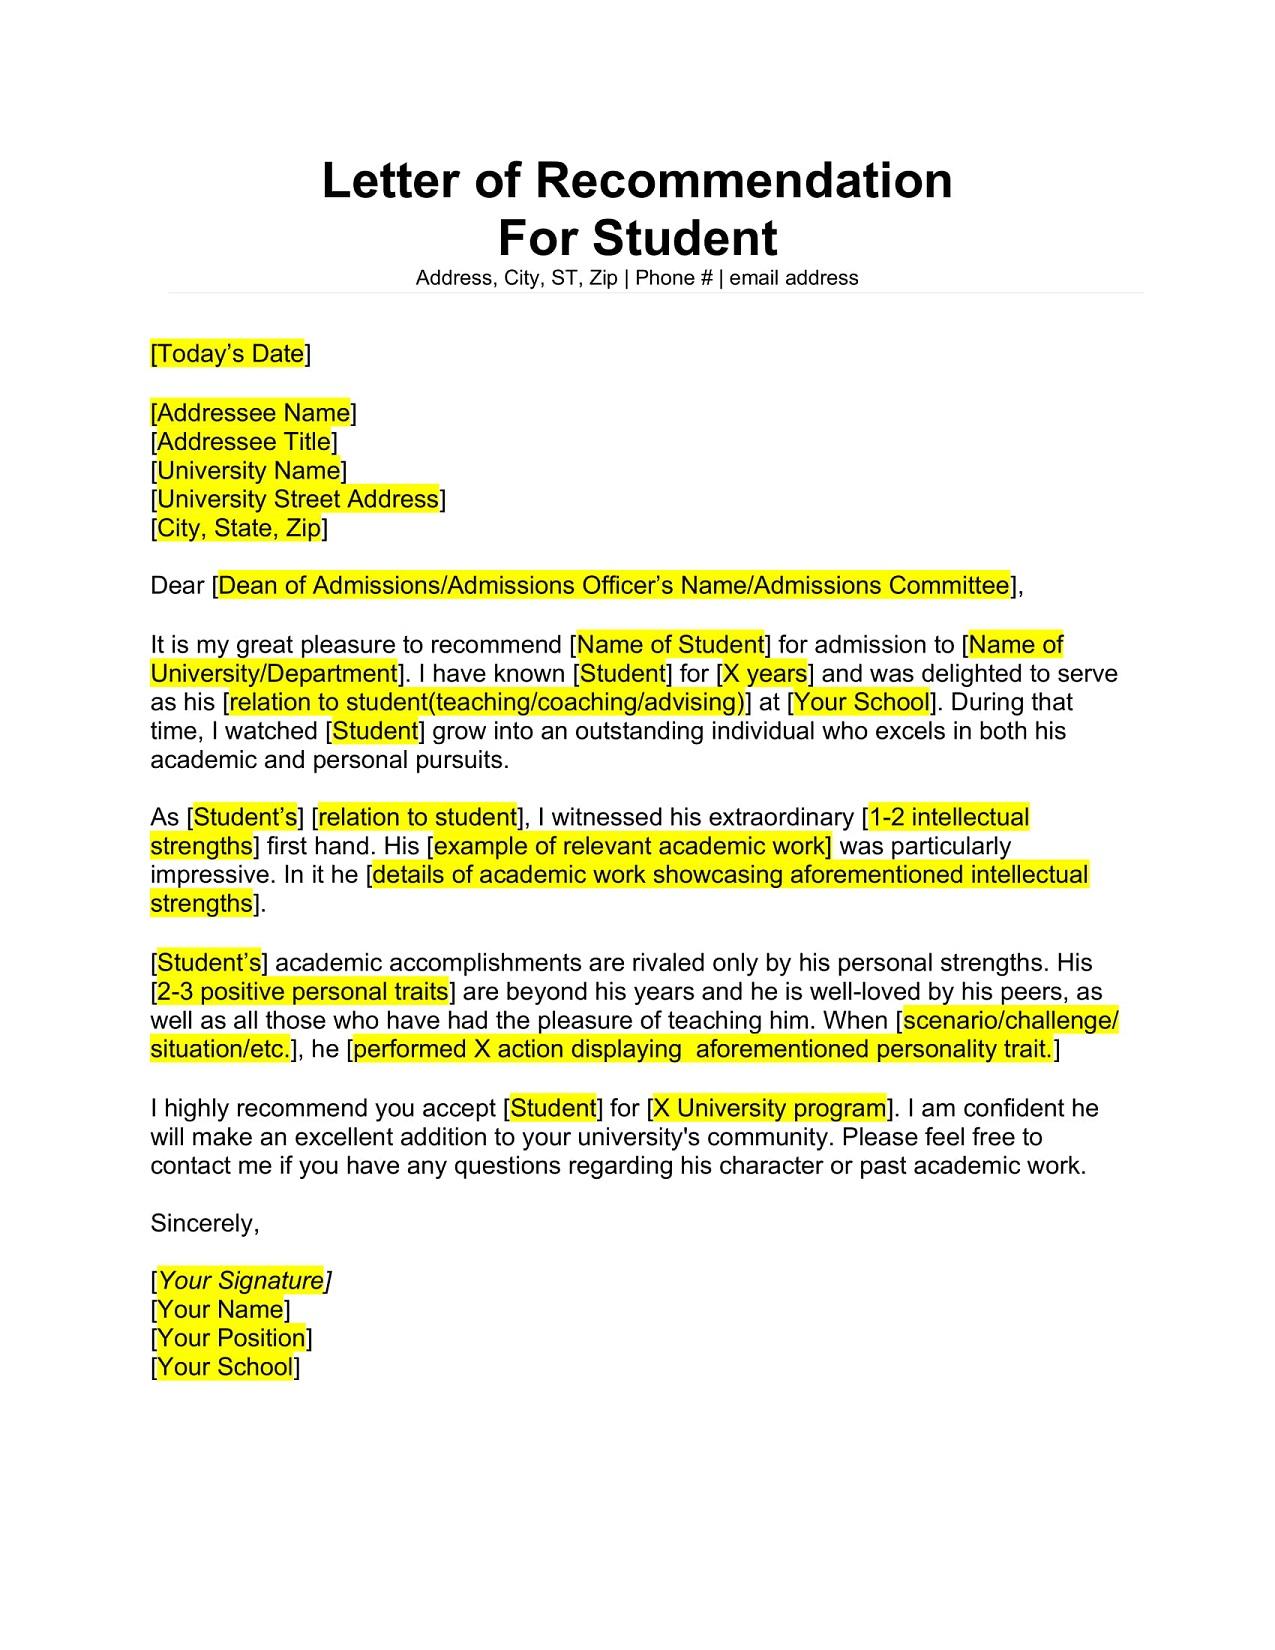 Sample Letter Of Recommendation For Masters Program from www.geneevarojr.com